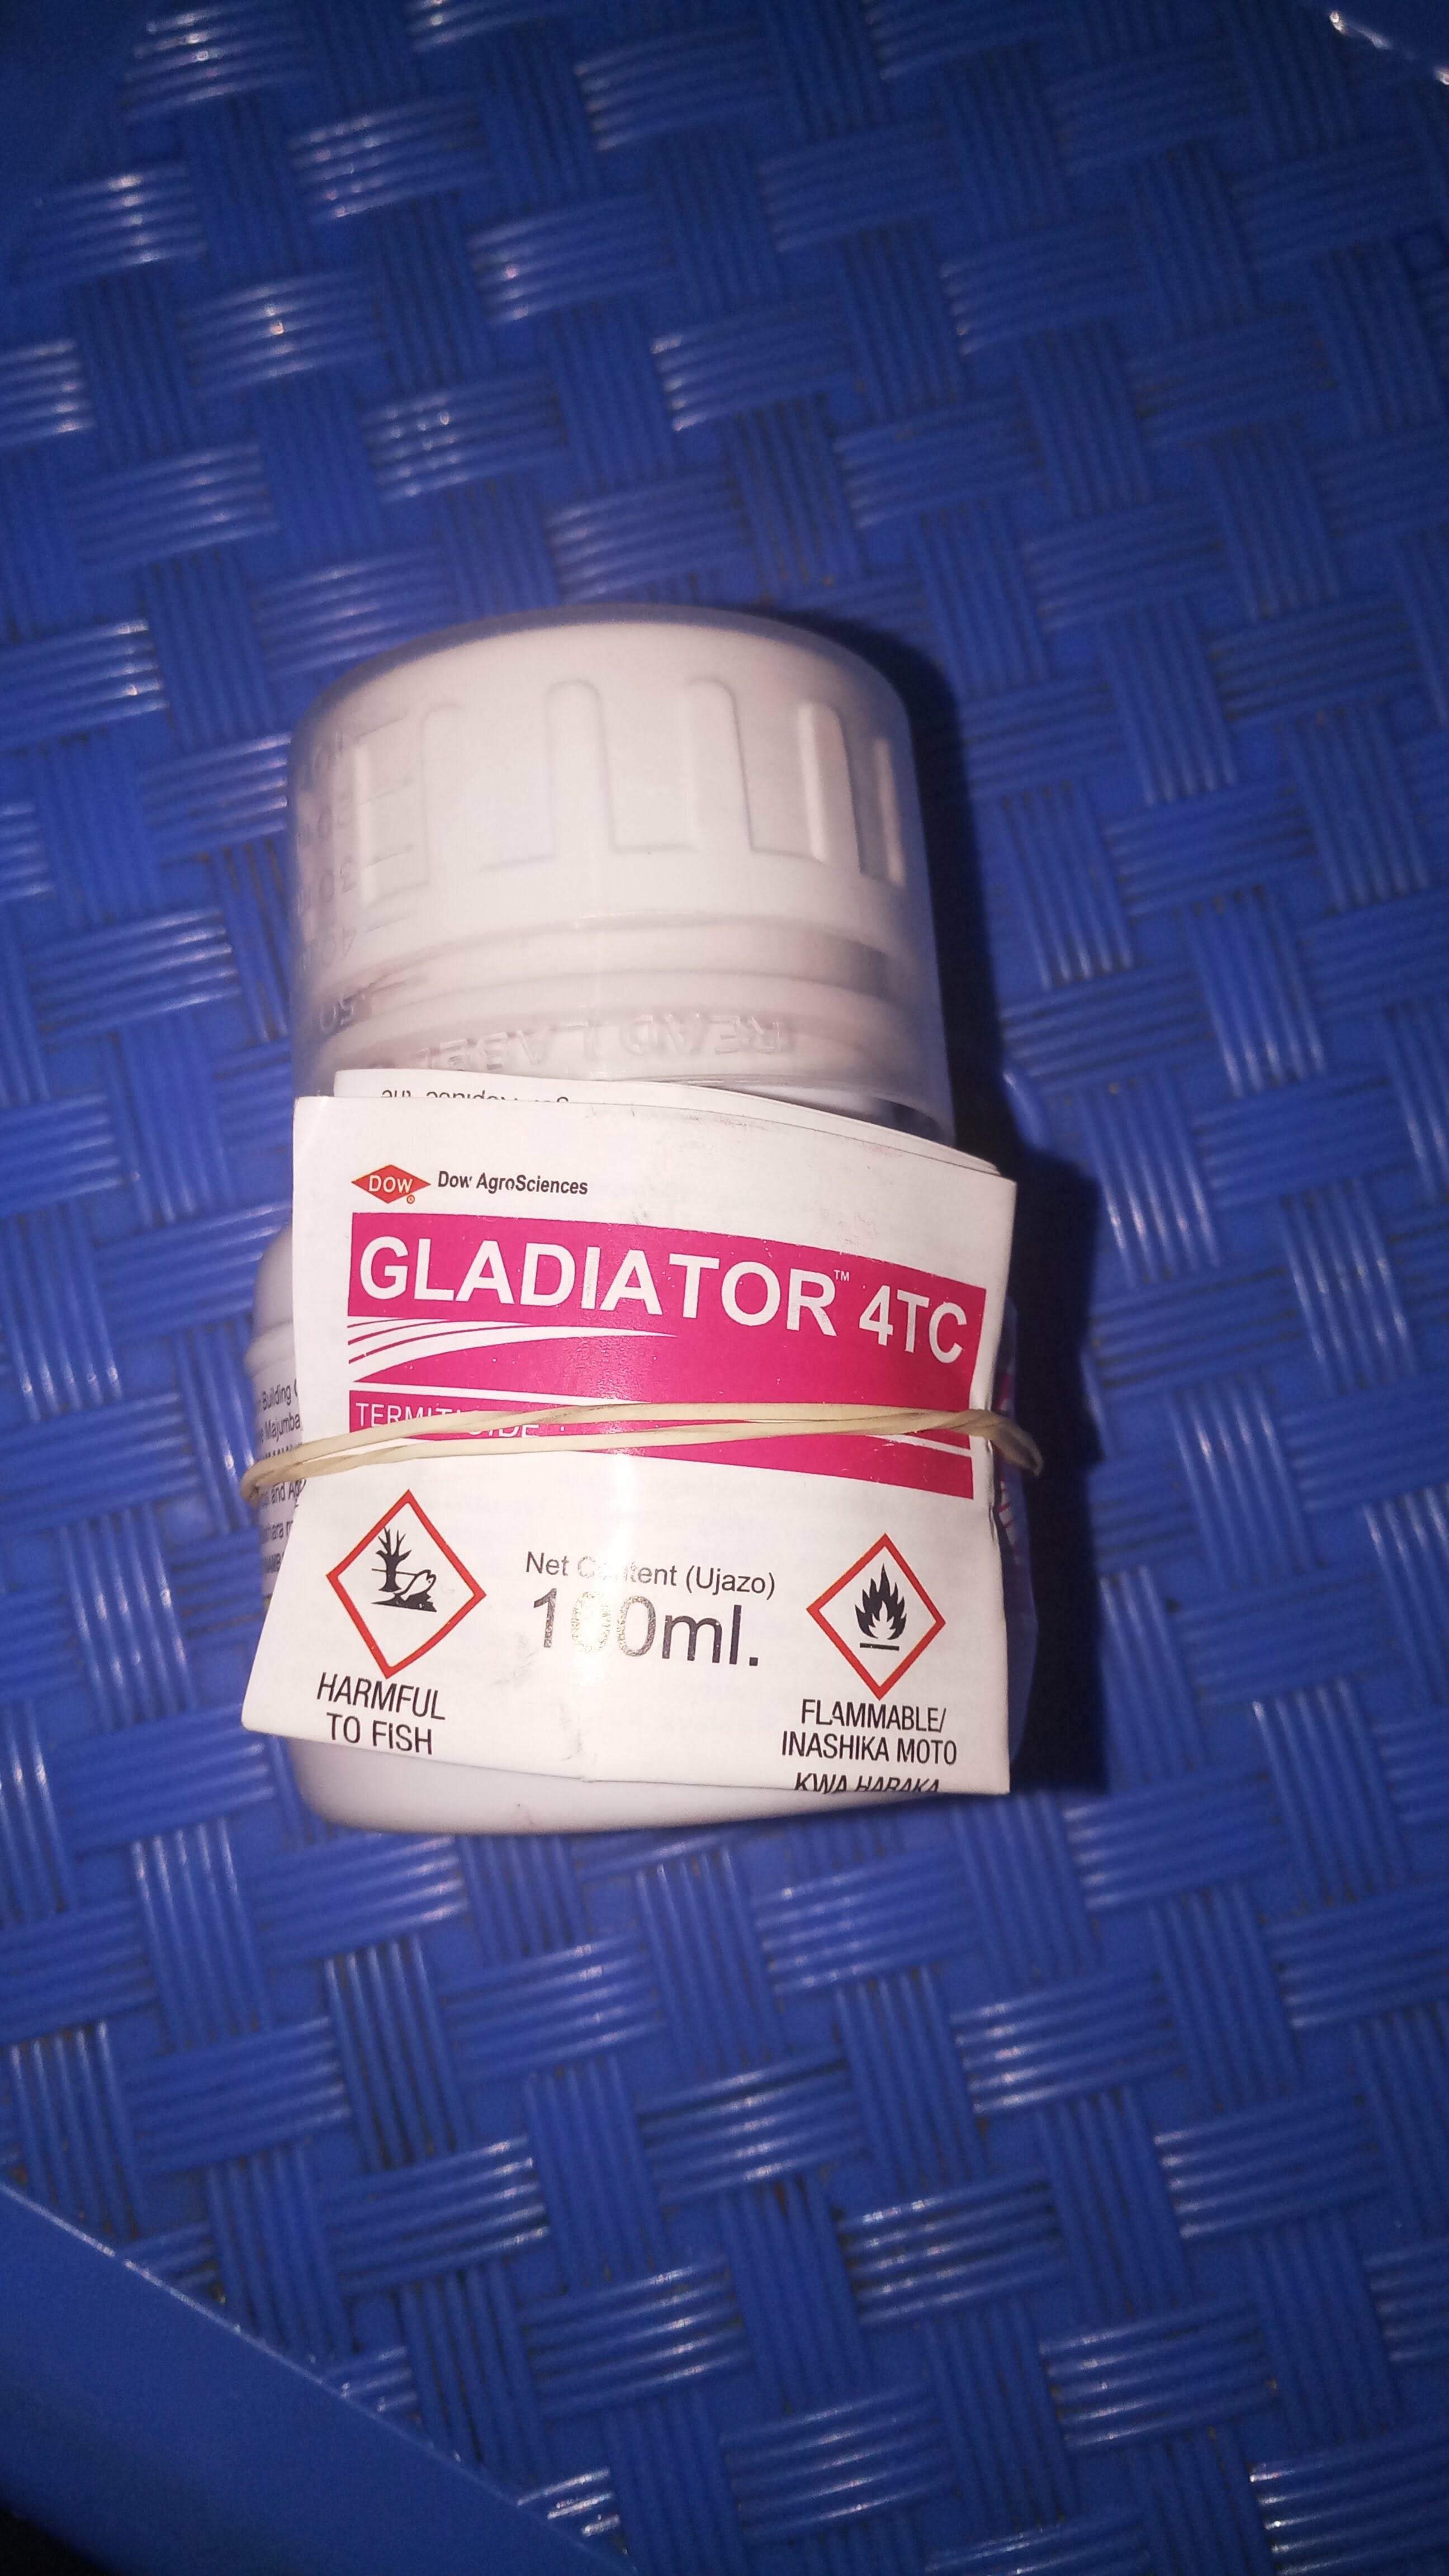 gladiator-4tc-termite-7